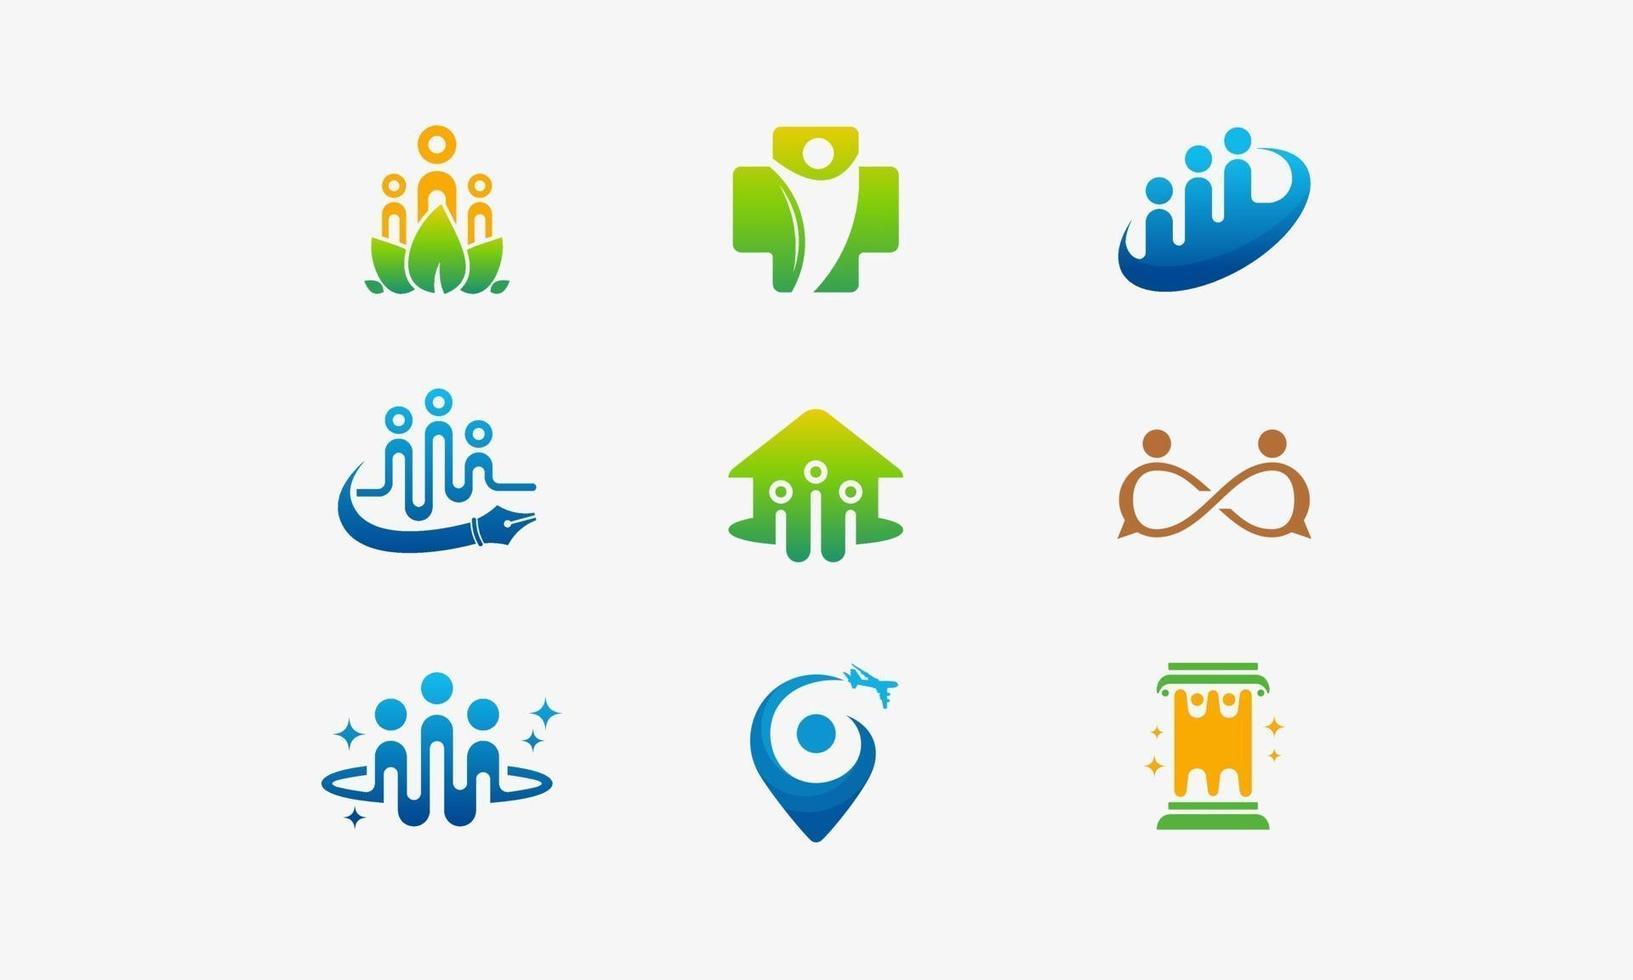 Gruppe von Menschen in Community-Icon-Designs vektor